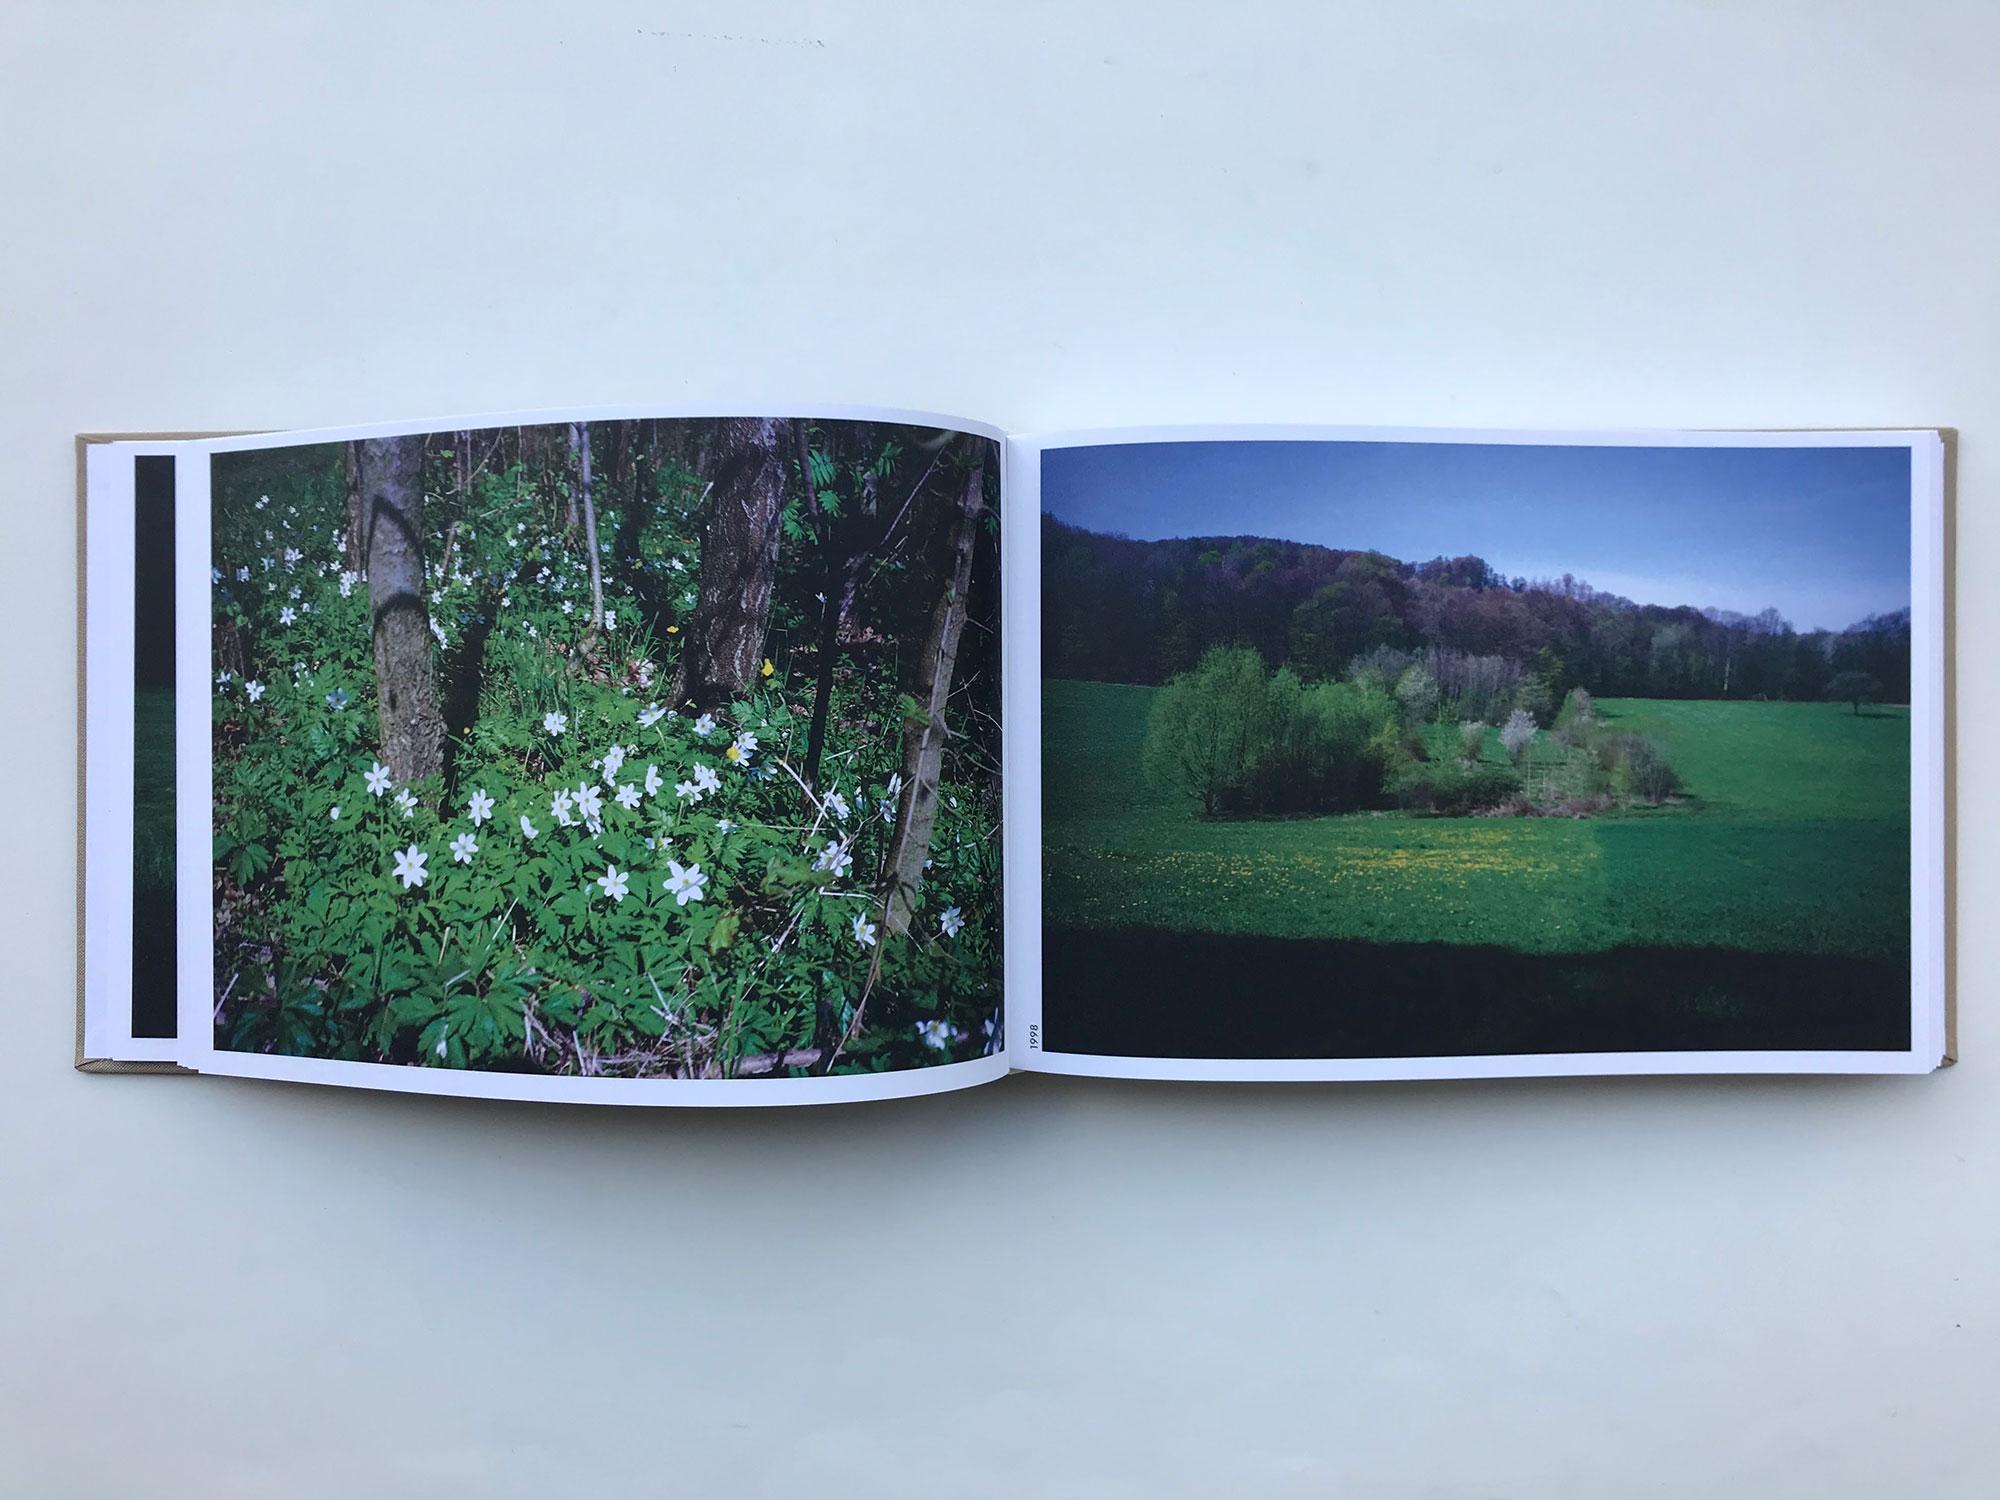 書店員がピックアップする春を感じるおすすめ写真集【POST編】 | ヘルマン・デ・フリース、スザンヌ・デ・フリース『the meadow』